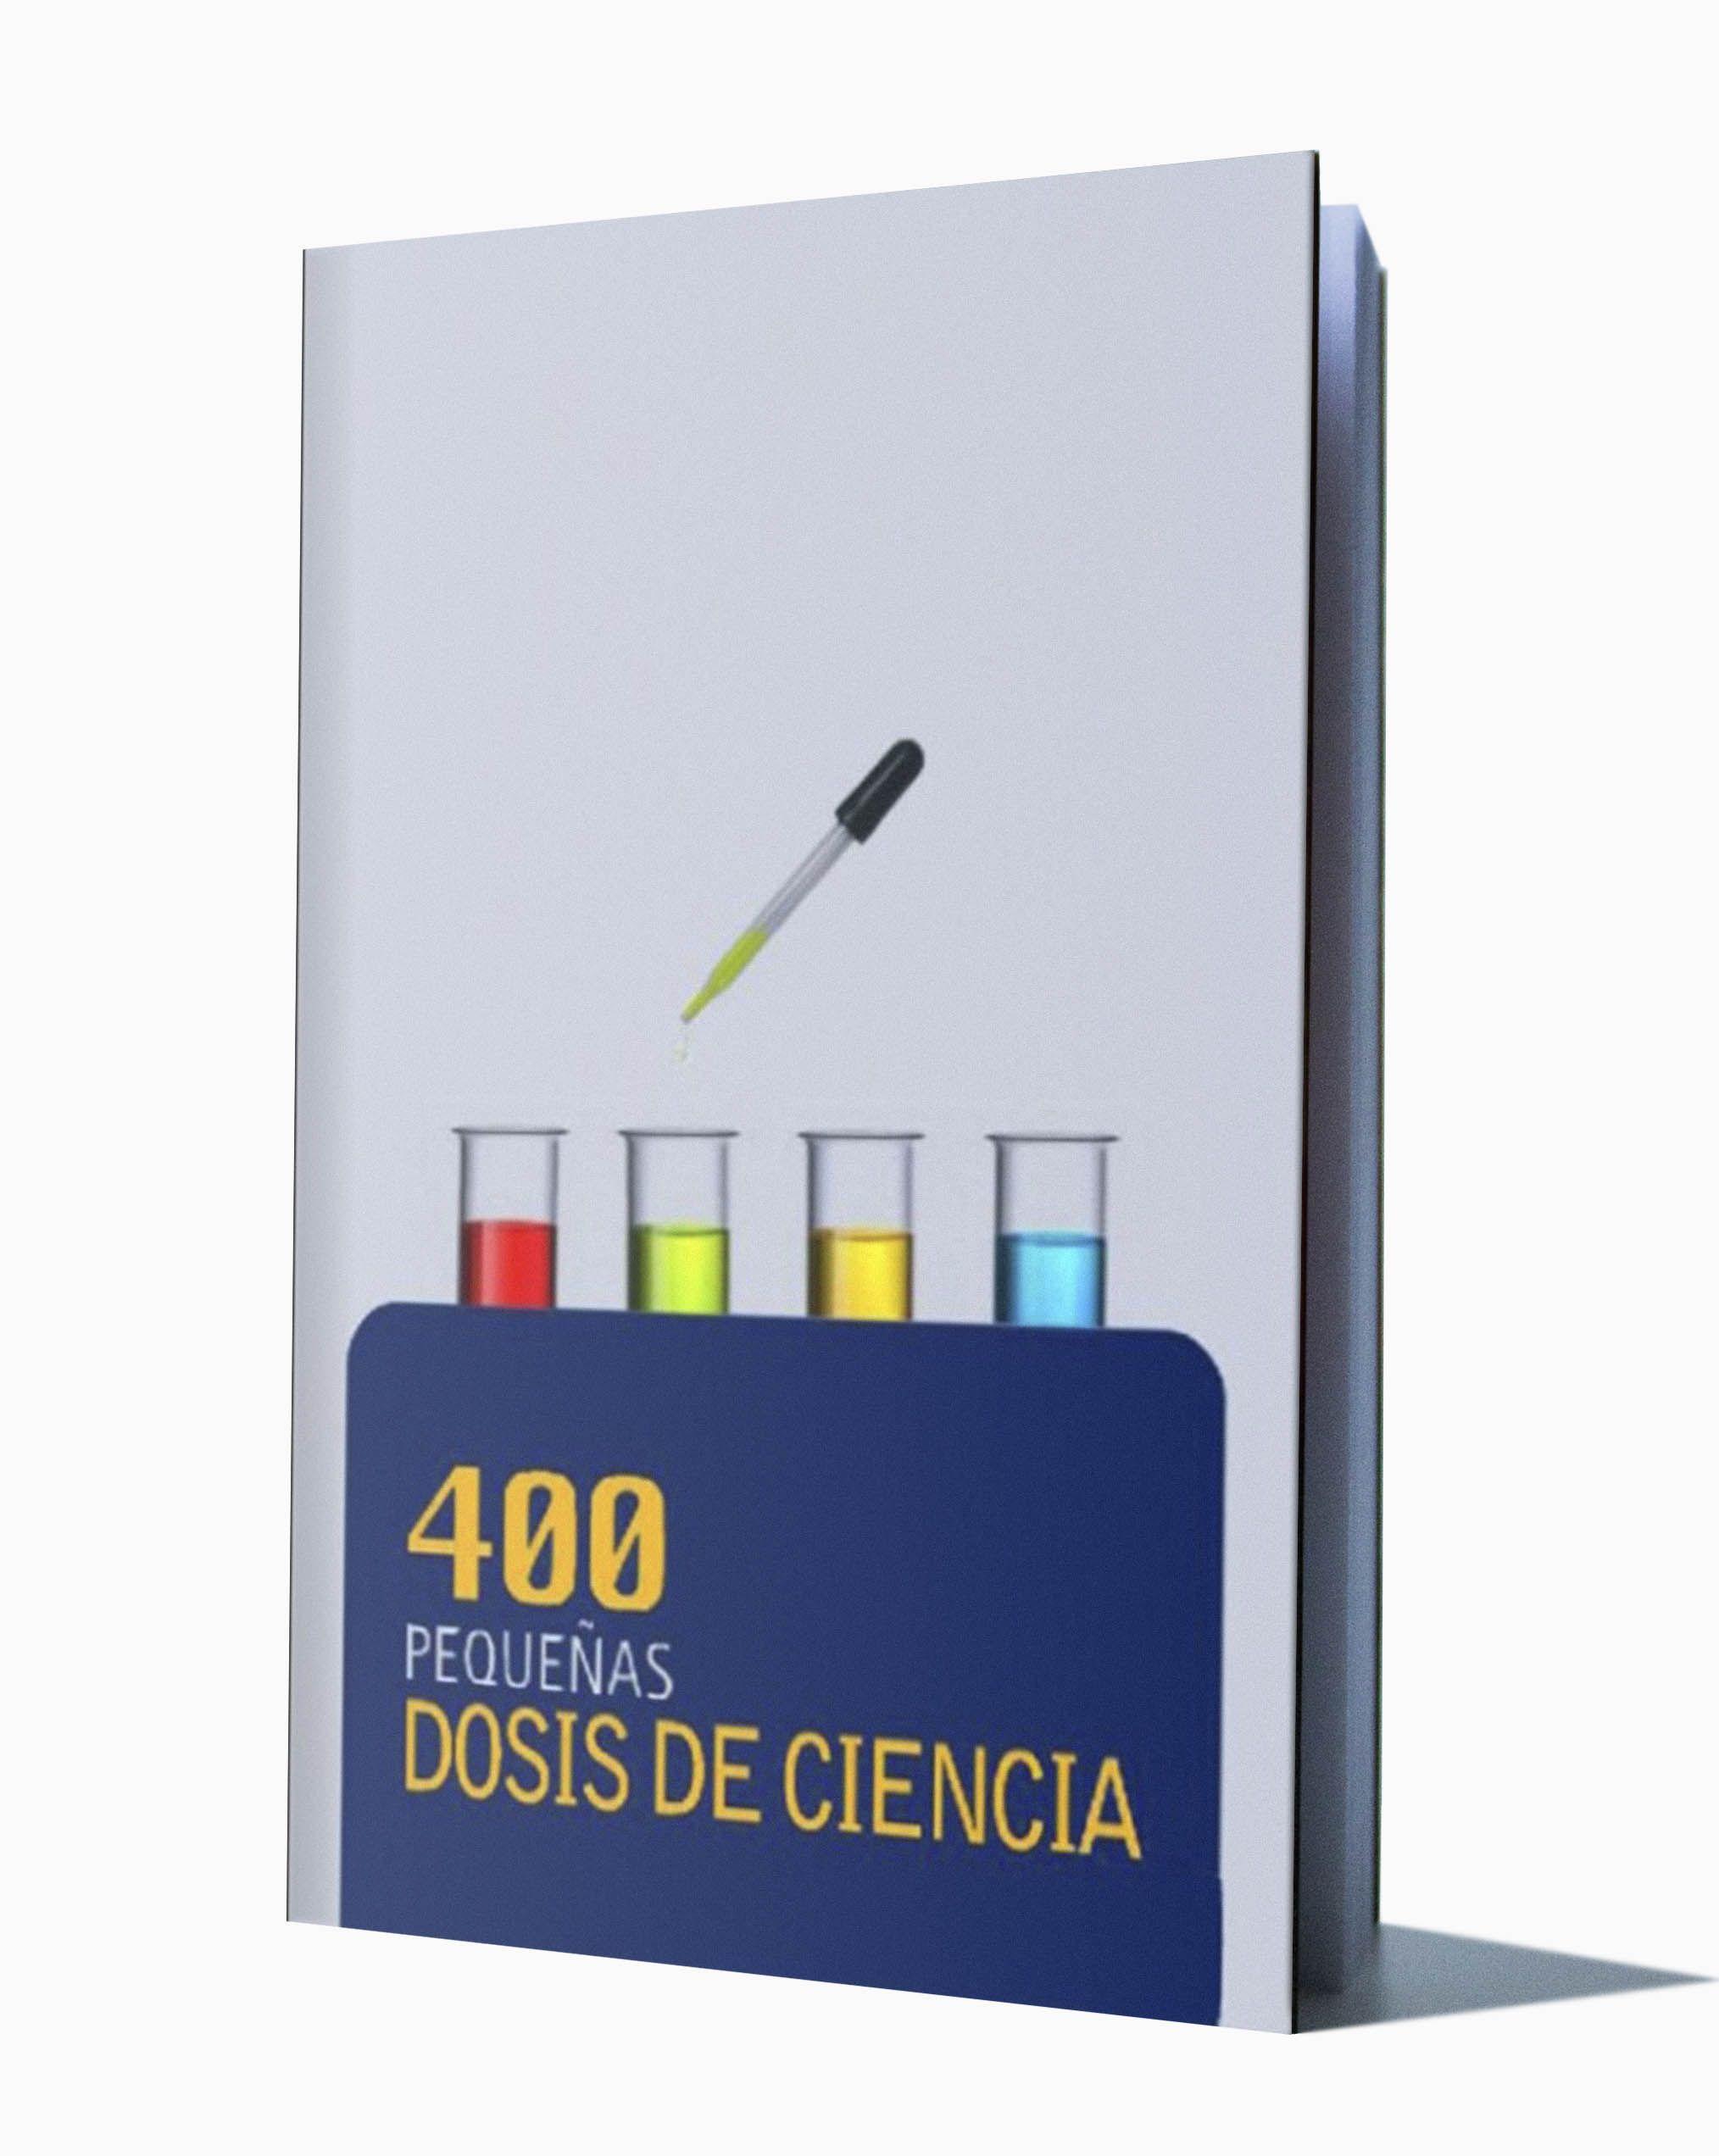 400 PEQUEÑAS DOCIS DE CIENCIA RENÉ DRUCKER Ciencia